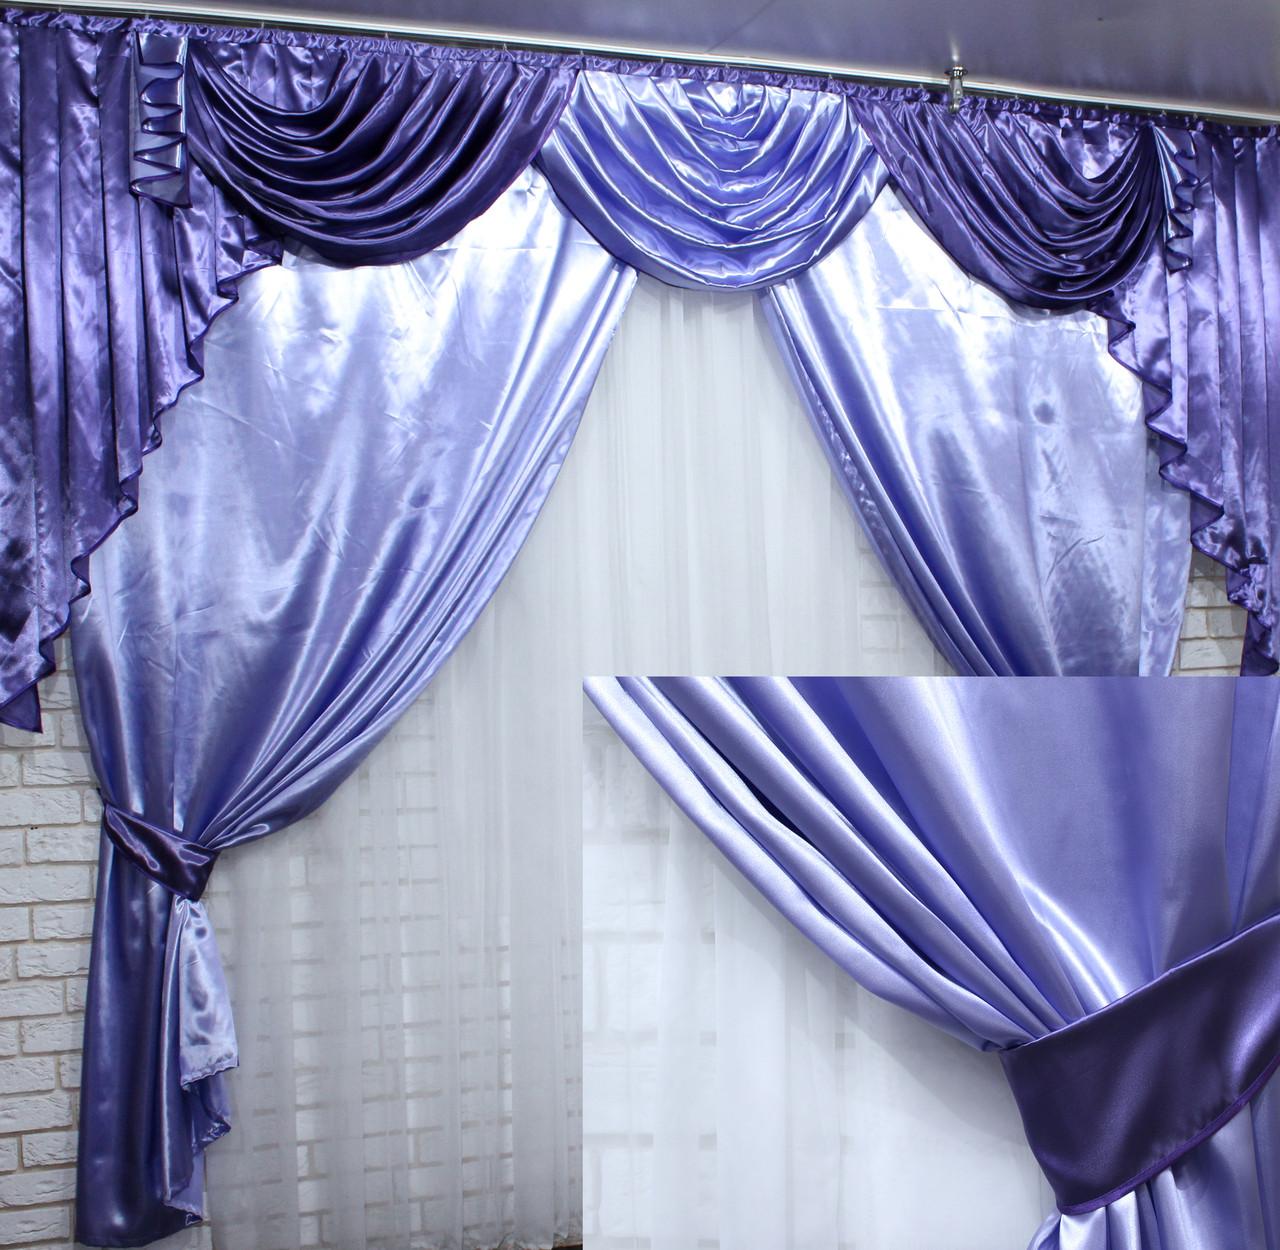 Ламбрекен и шторы из атласа  №49 Цвет лиловый с фиолетовым  (3х2,4) 79-002